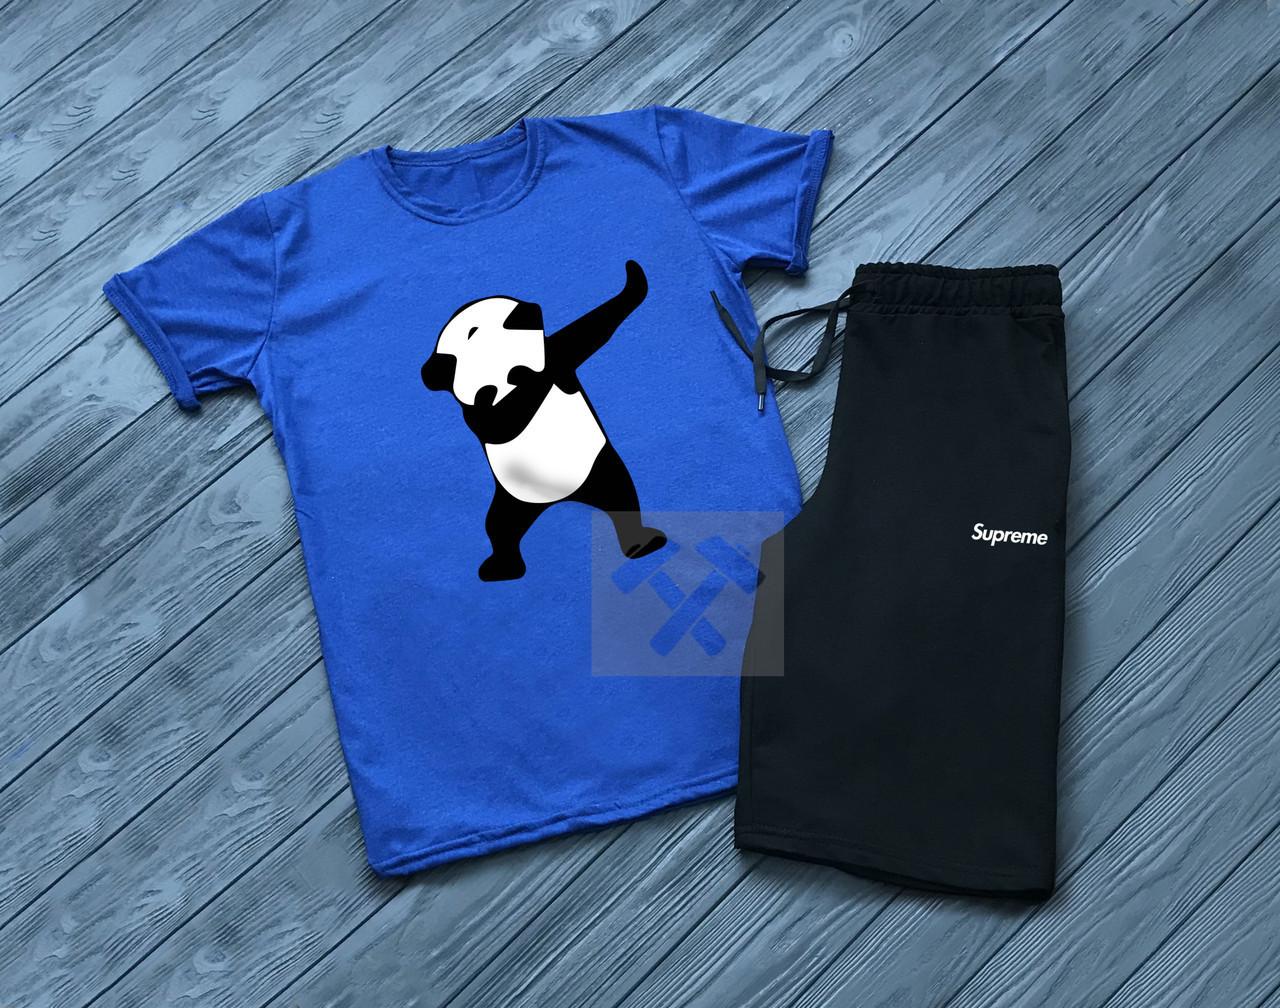 Мужской комплект футболка + шорты SUPREME синего и черного цвета